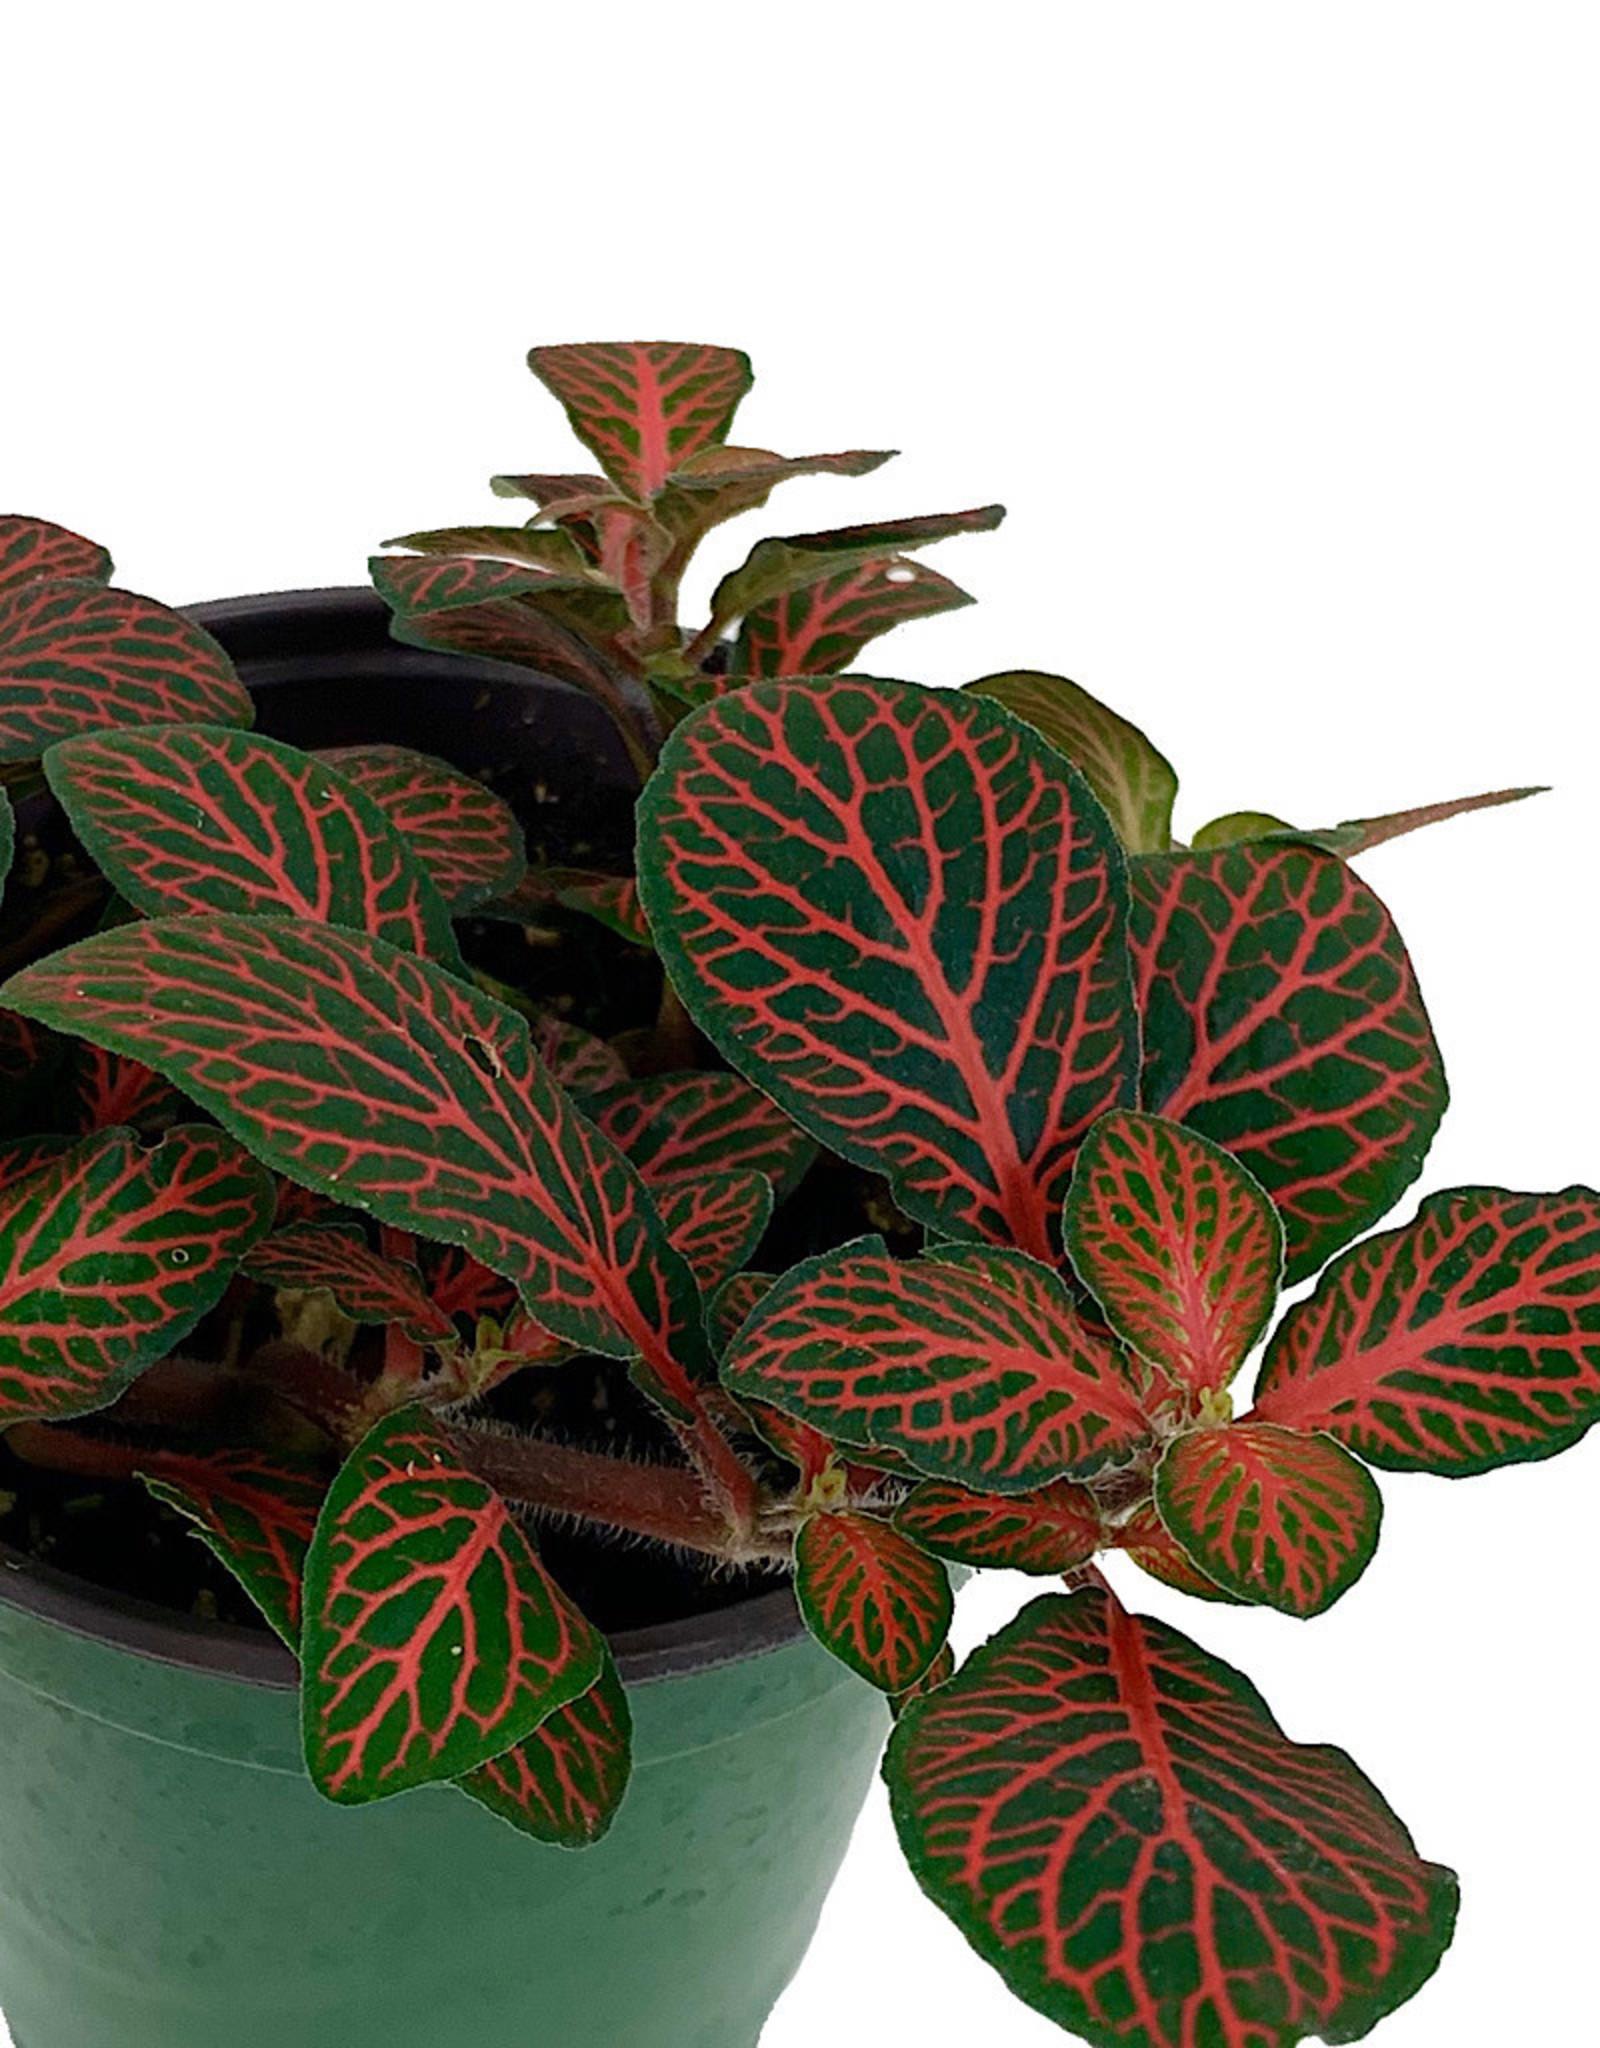 Fittonia verschaffeltii 'Red Vein' - 4 inch